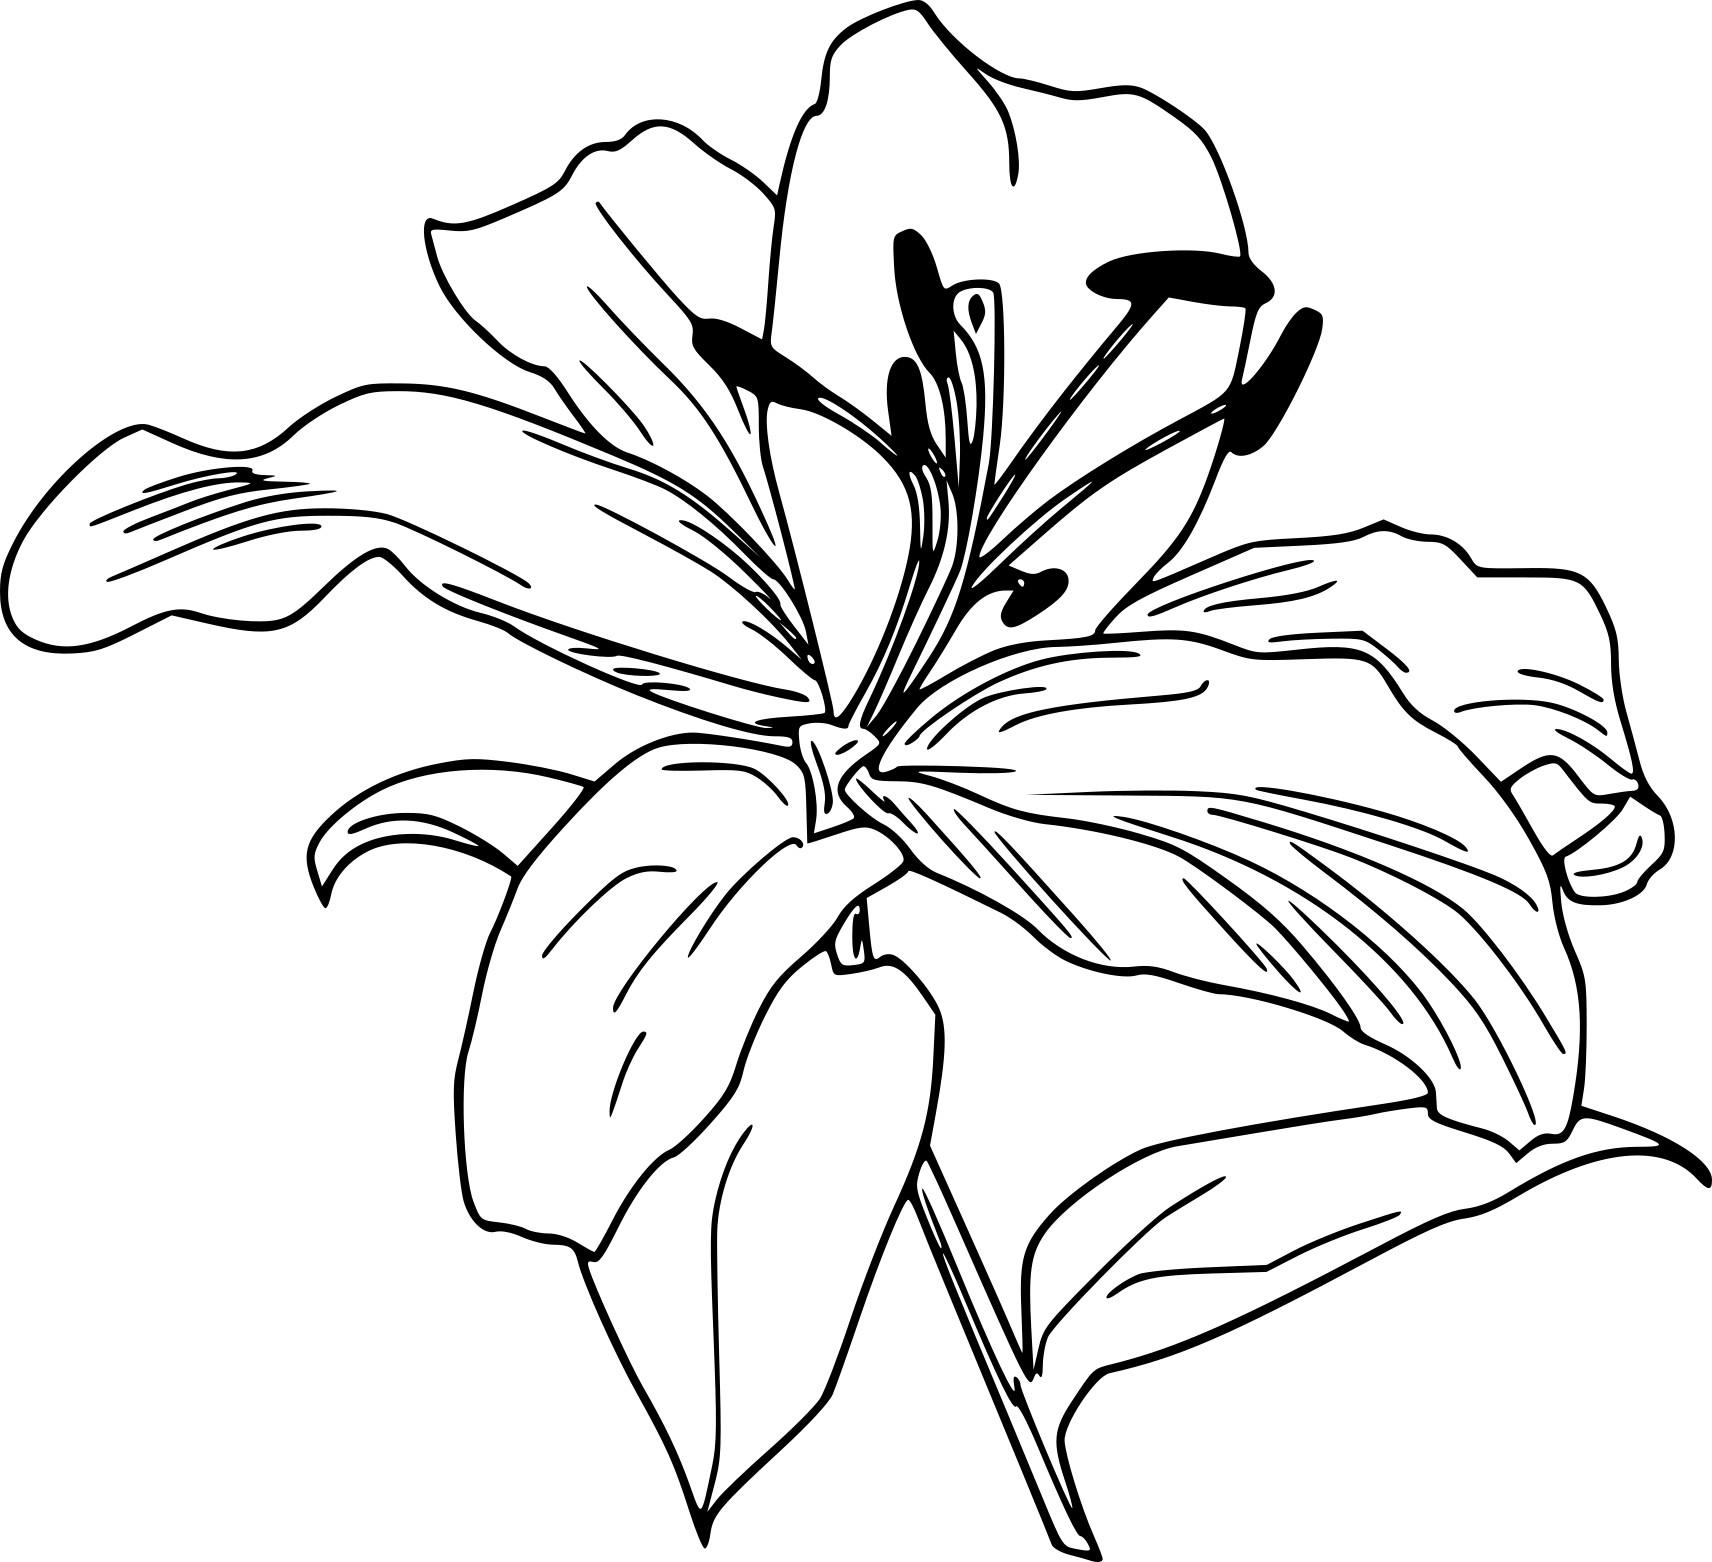 Coloriage lys imprimer sur coloriages info - Dessin fleur de lys royale ...